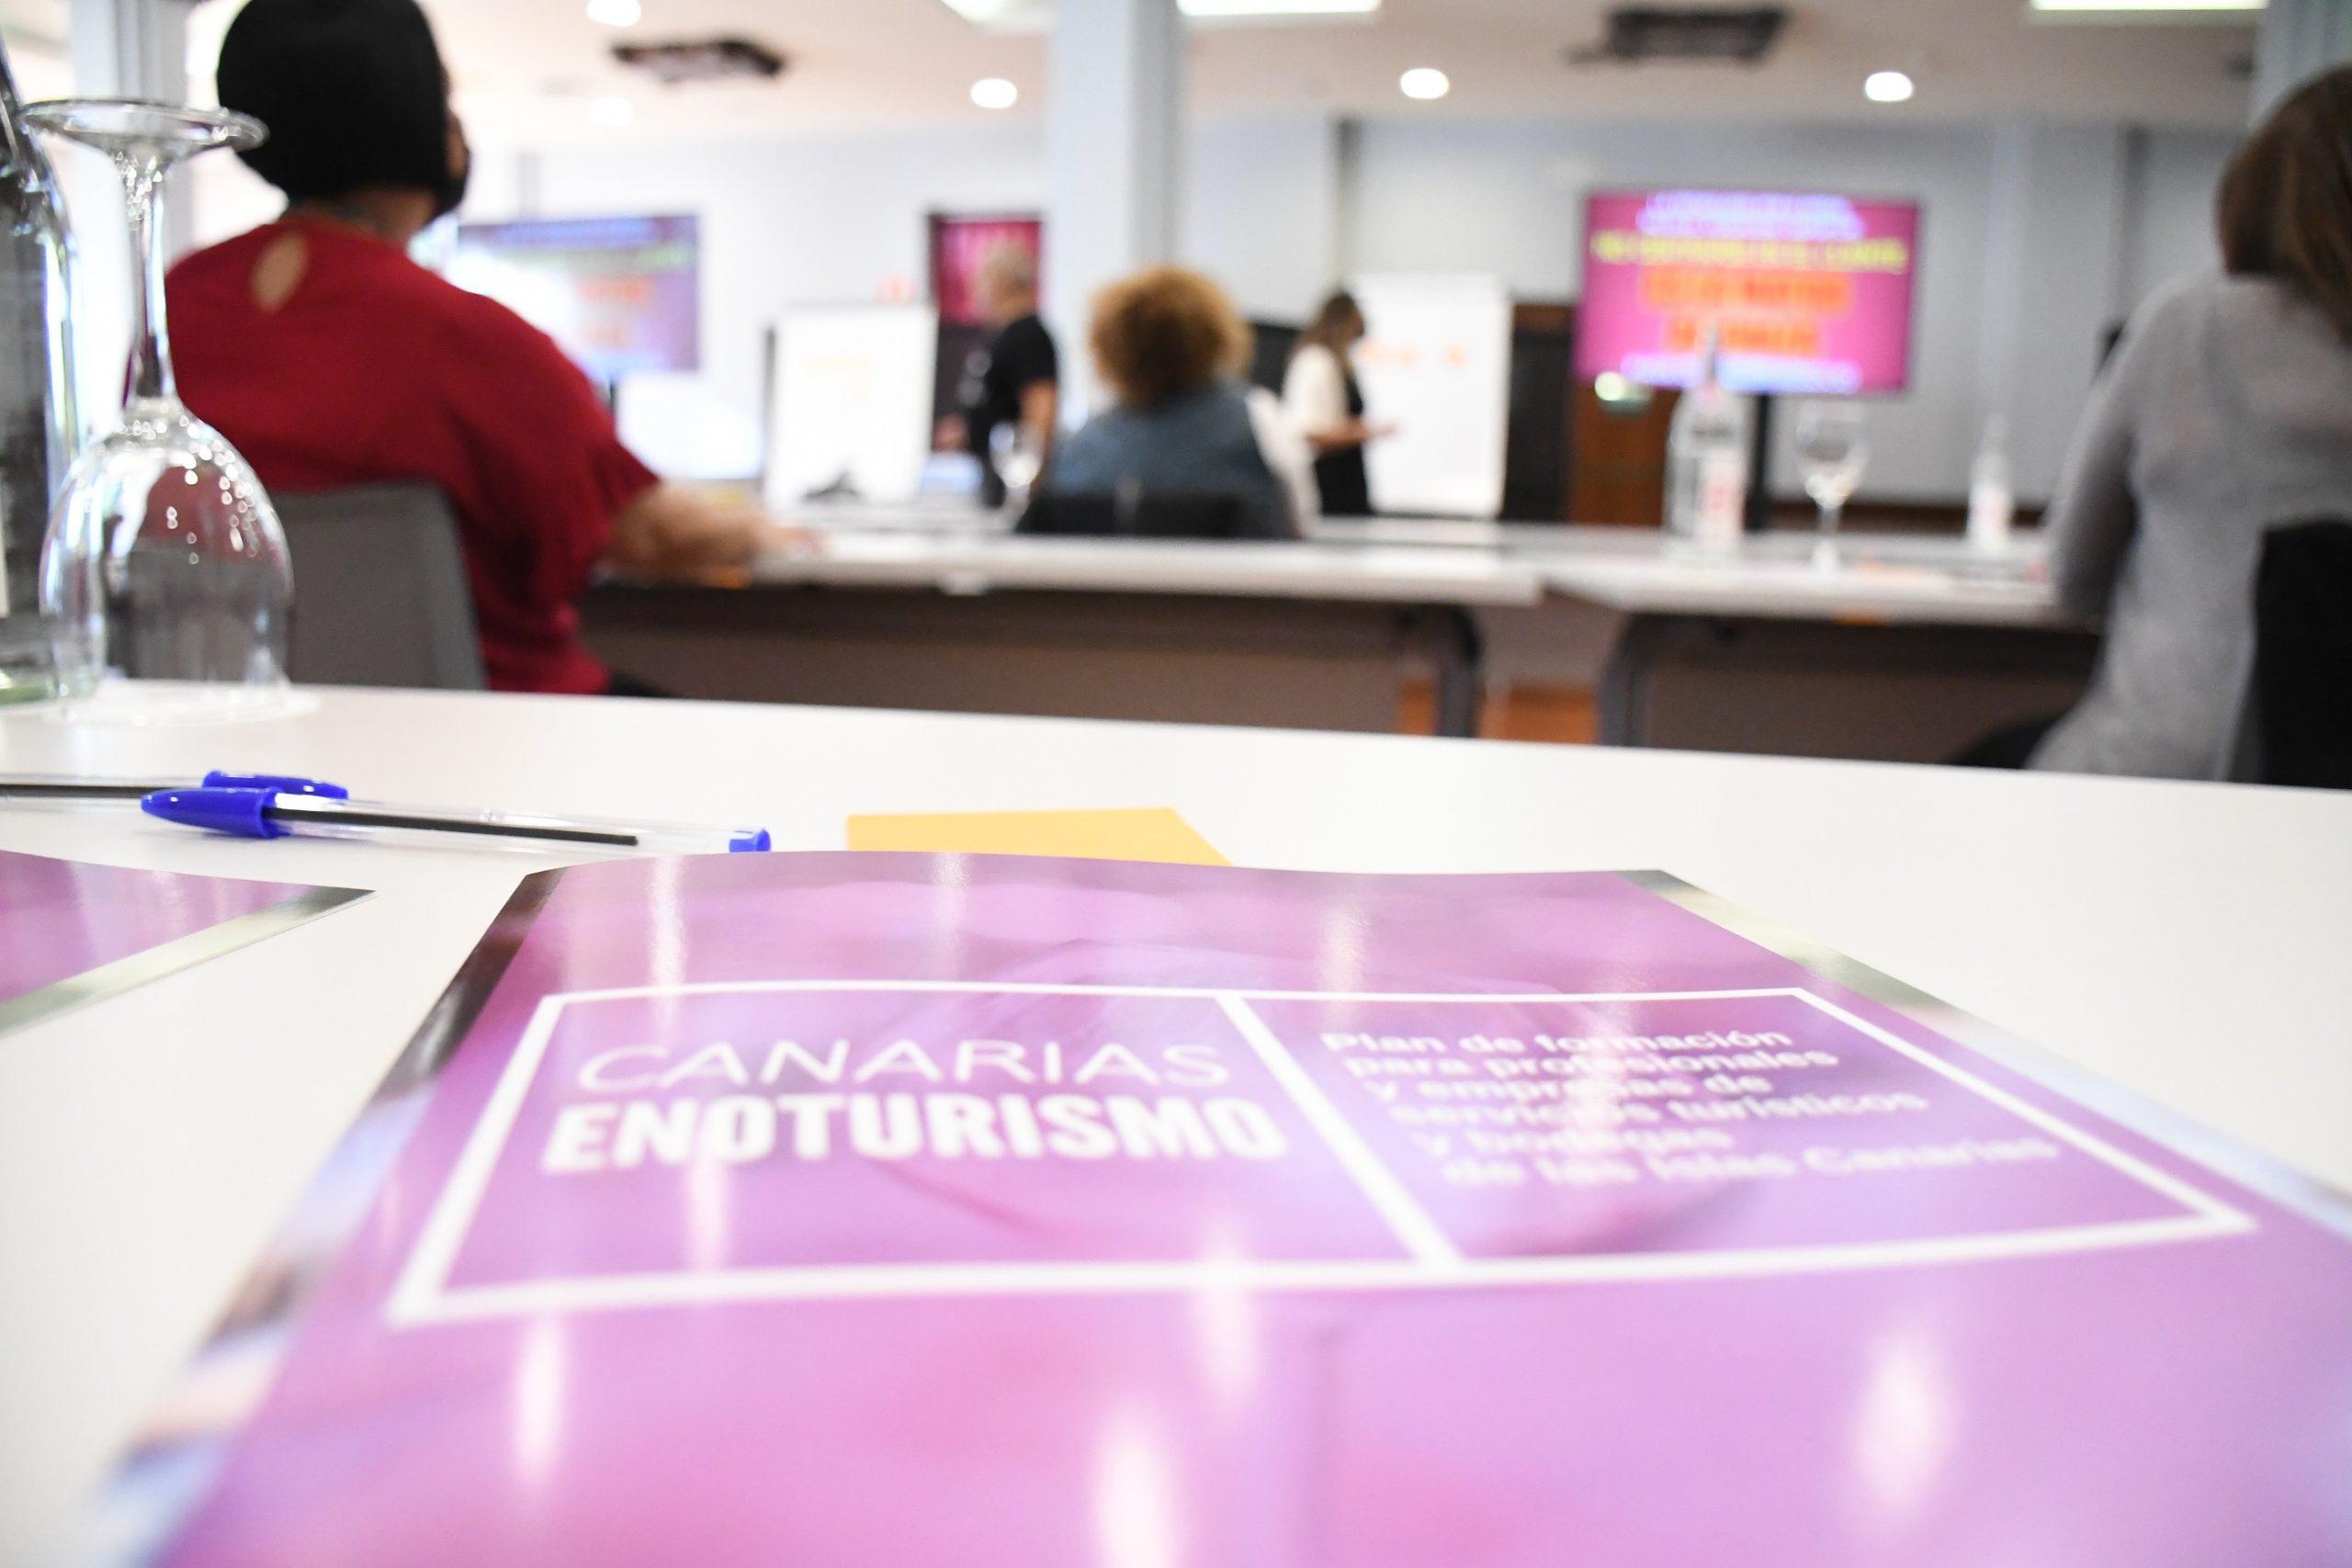 Javier Sirvent, Canarias puede competir con la transformación digital en solucionar problemas turísticos y enológicos